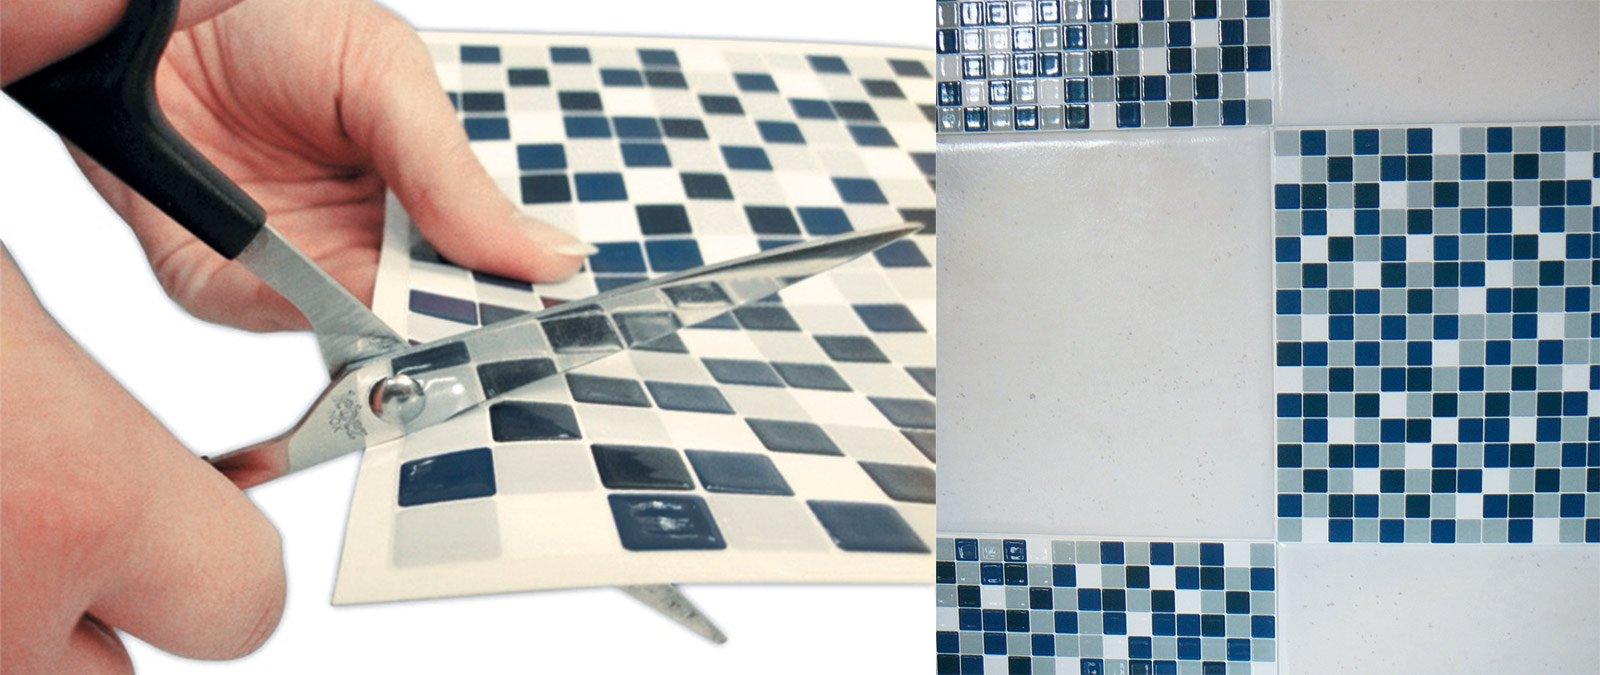 la piastrella adesiva a mosaico si applica senza collanti si lava con un qualsiasi detergente